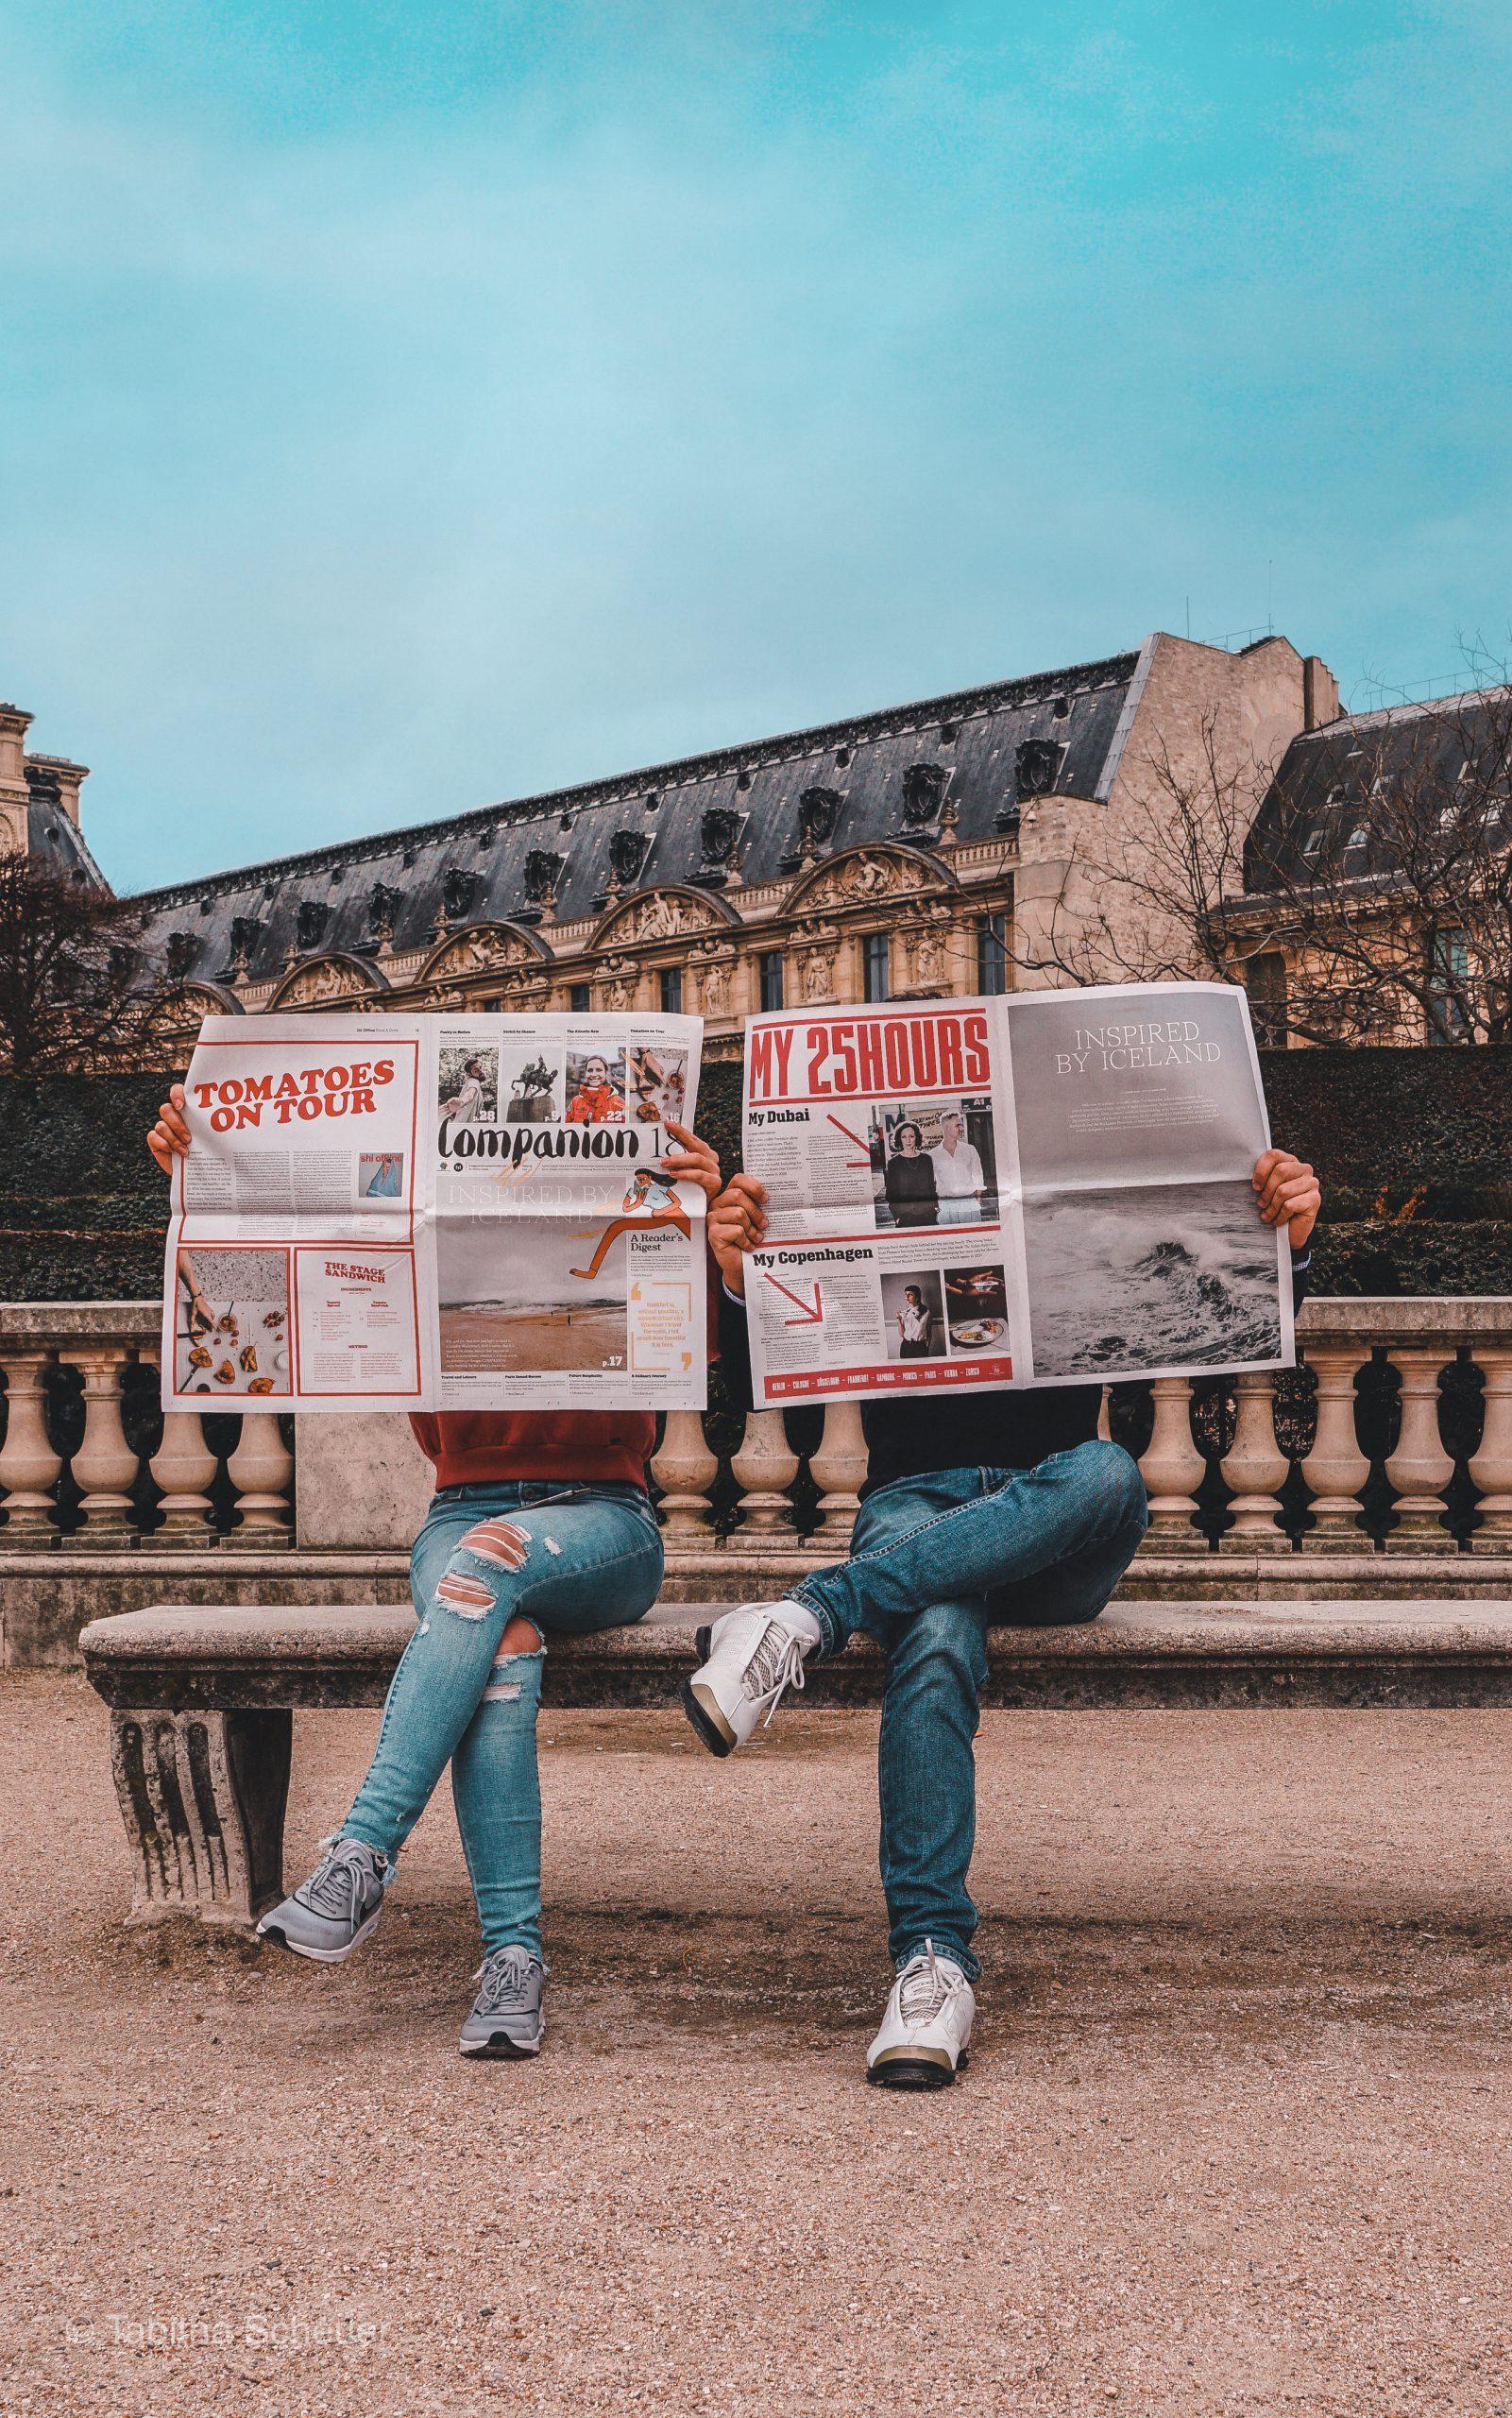 Paris Couple Photography Inspiration | 25Hours Review Hotel Paris